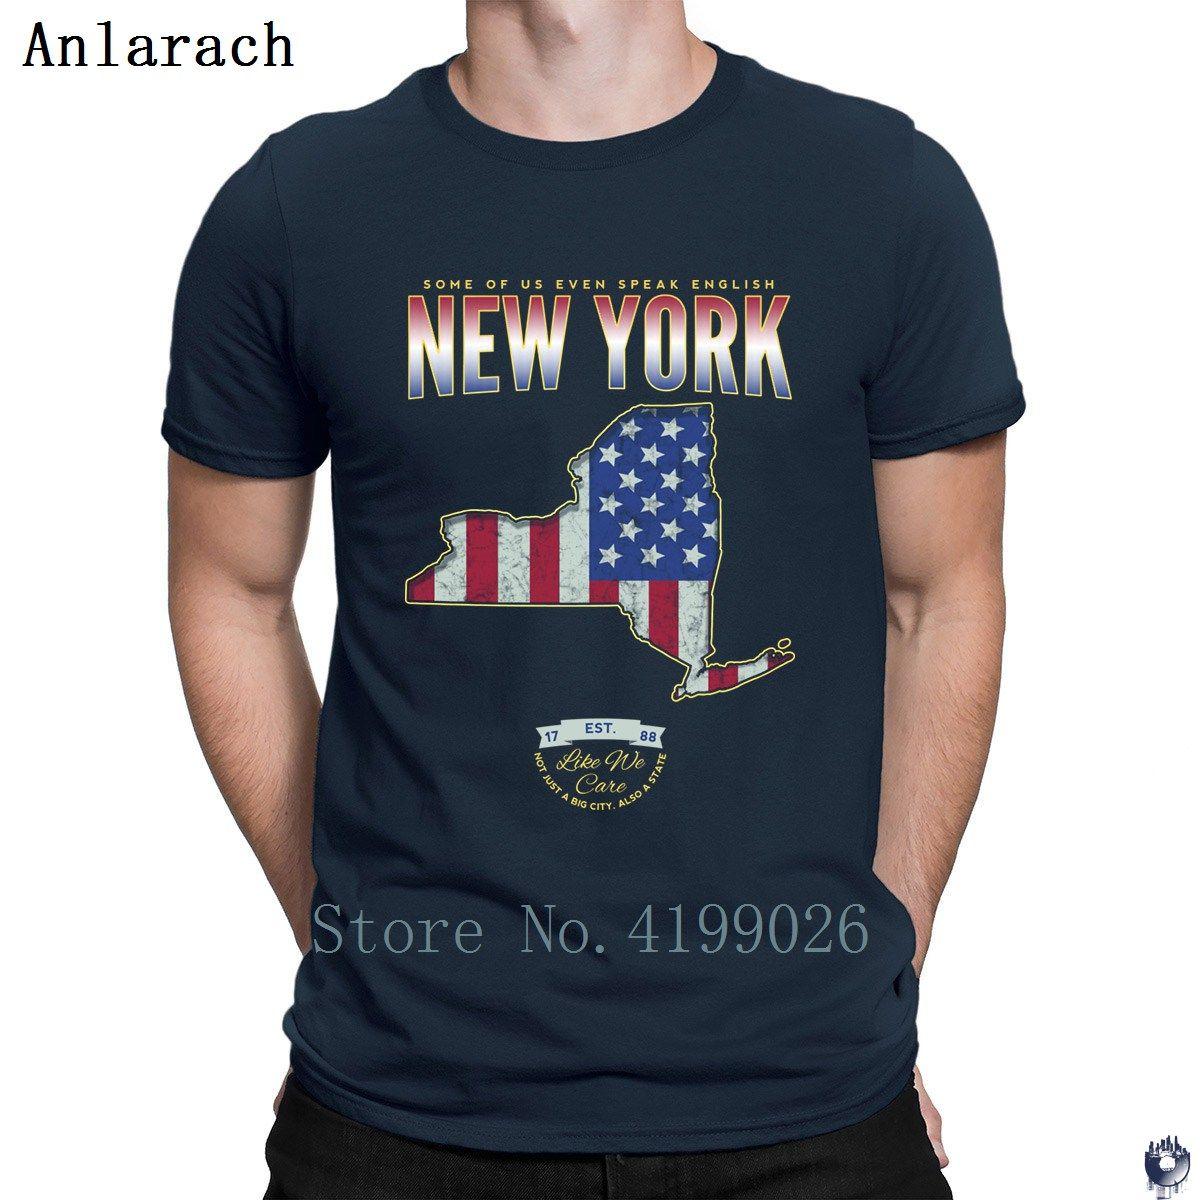 Нью-Йорк, как мы заботимся Tshirts Классической Симпатичной Homme Весна футболки для мужчин Kawaii креативного короткого рукава Лучших качеств